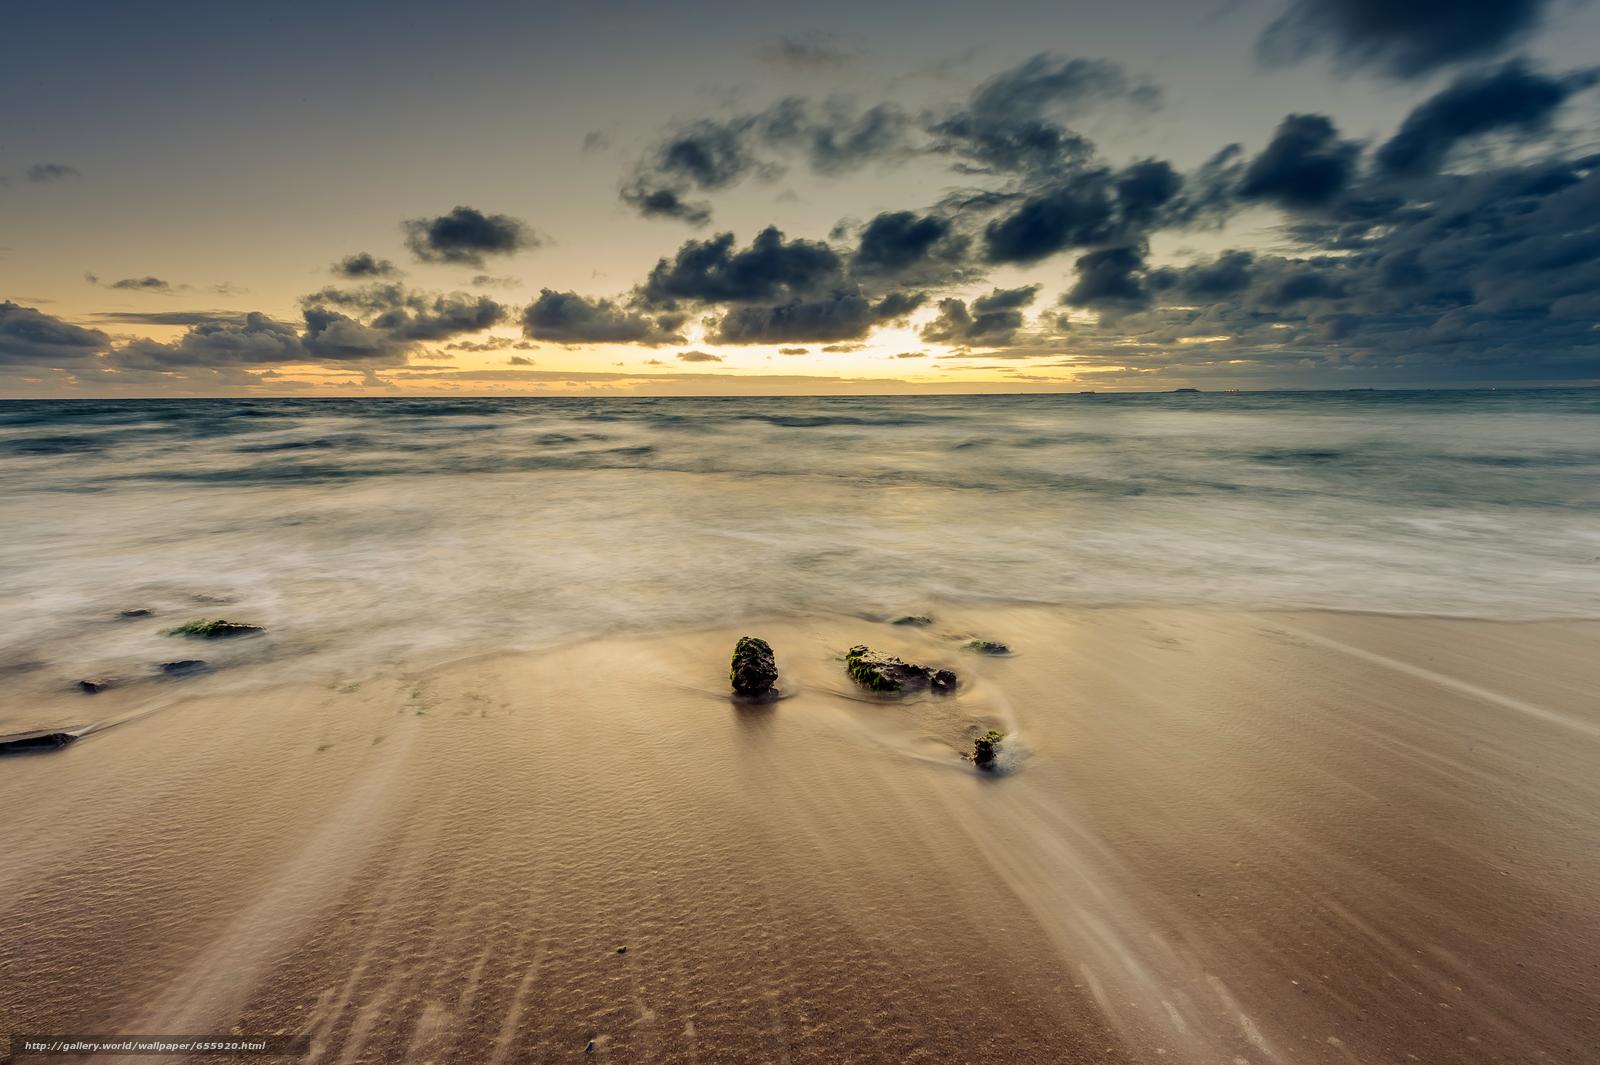 下载壁纸 日落,  海,  波浪,  景观 免费为您的桌面分辨率的壁纸 4928x3280 — 图片 №655920